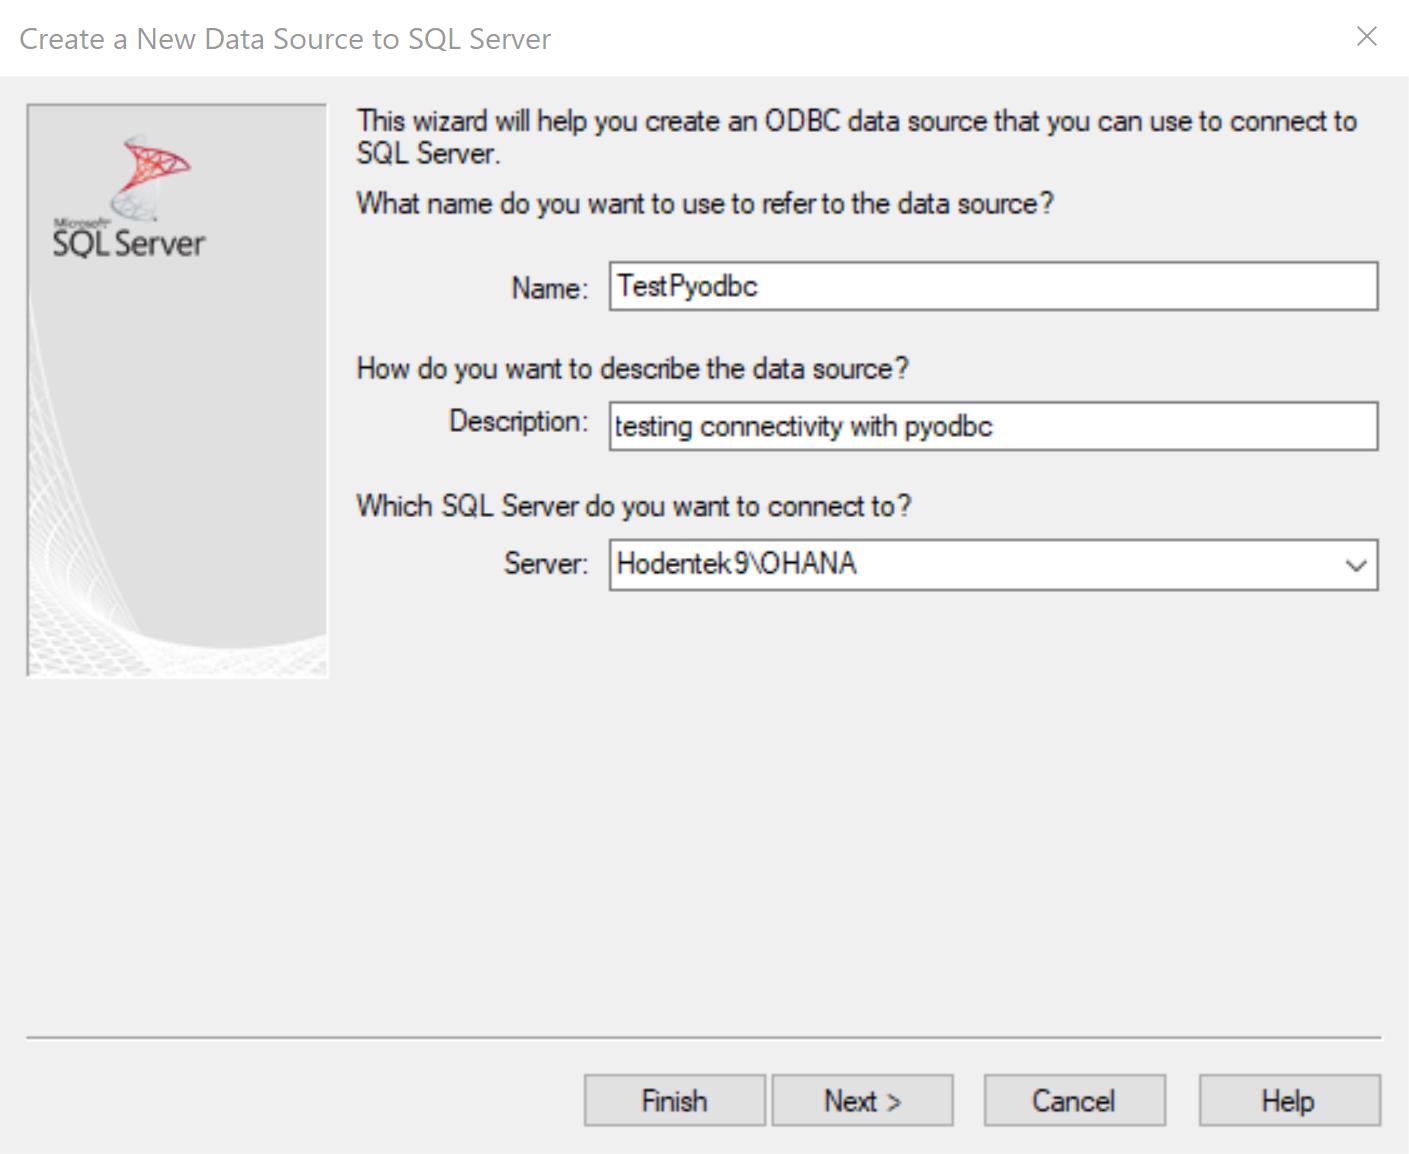 HodentekHelp: How do you connect to SQL Server using pyodbc?